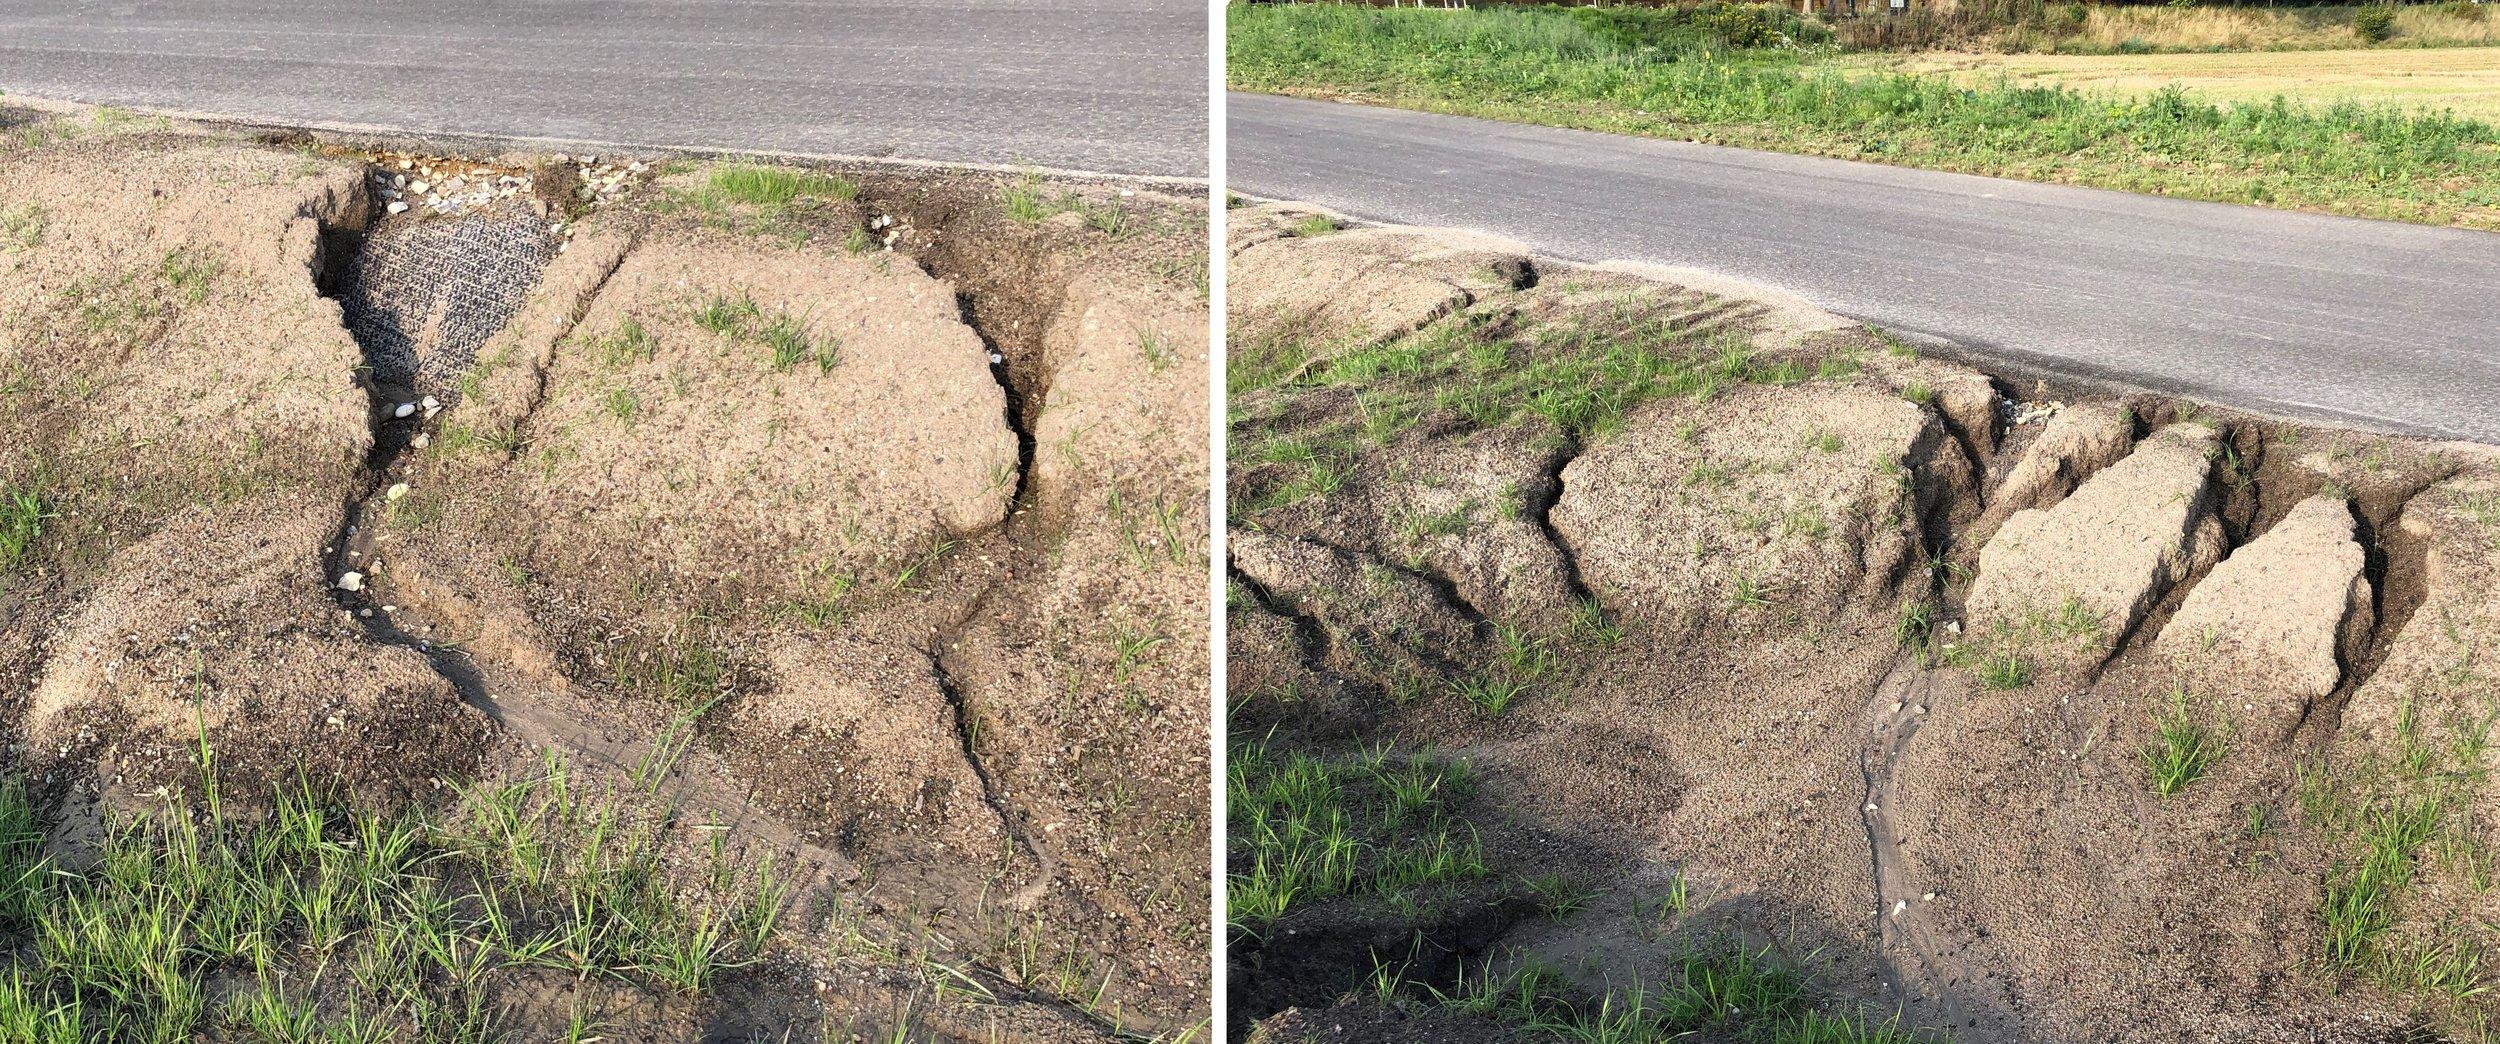 Flere steder ser det voldsomt ud, hvor jorden på kanterne er skyllet ned i bunden af grøften. Foto: AOB